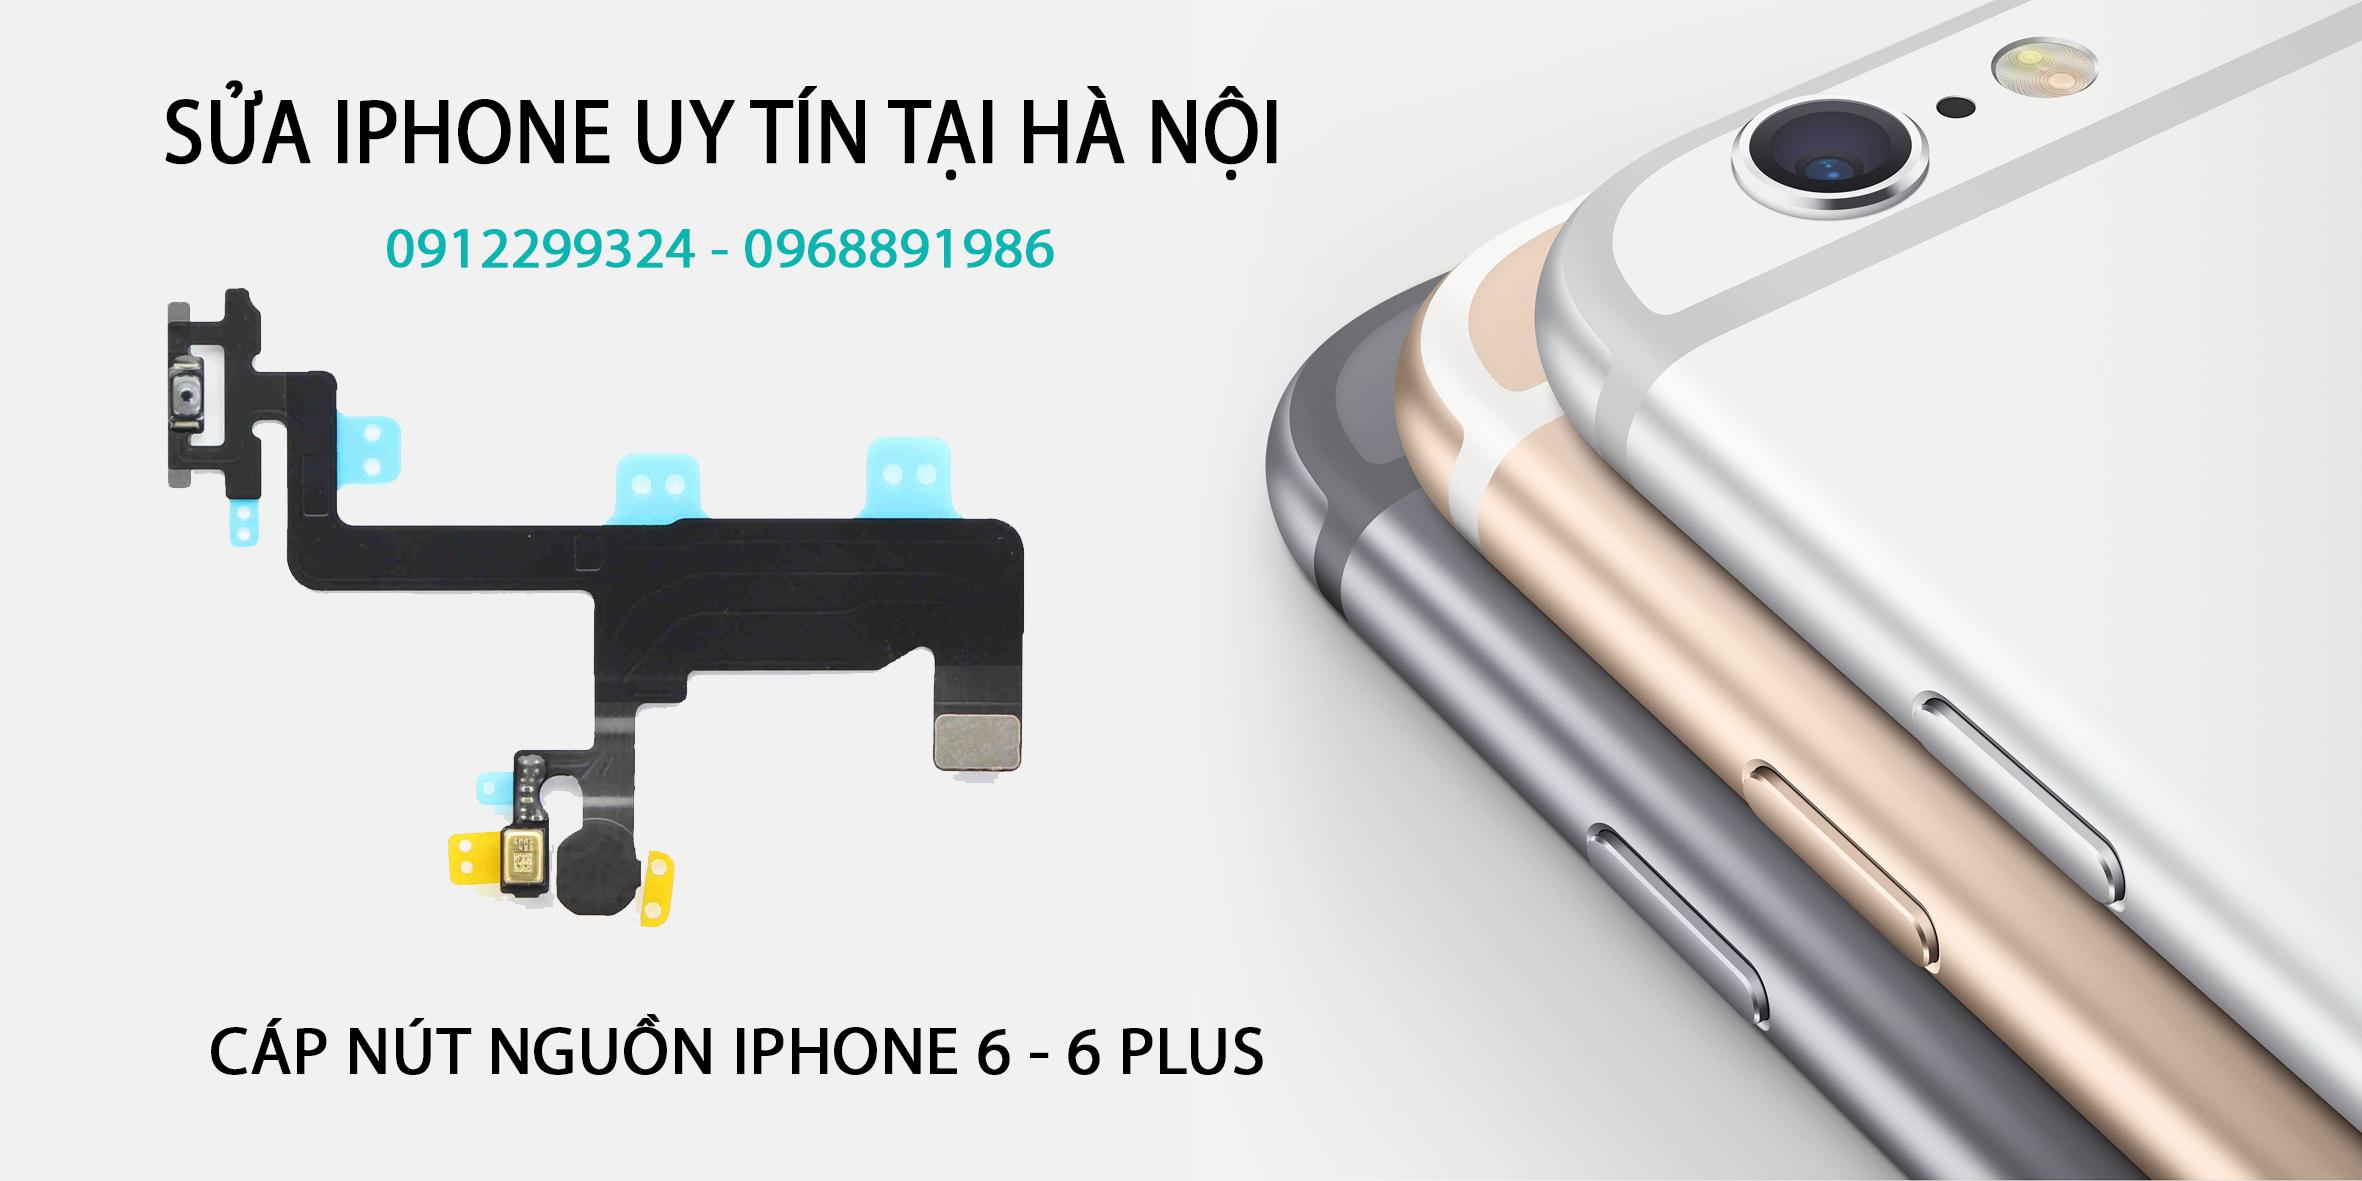 SỬA NÚT NGUỒN IPHONE 6 Ở HÀ NỘI | Sửa nút nguồn iphone 6 tại Hà Nội